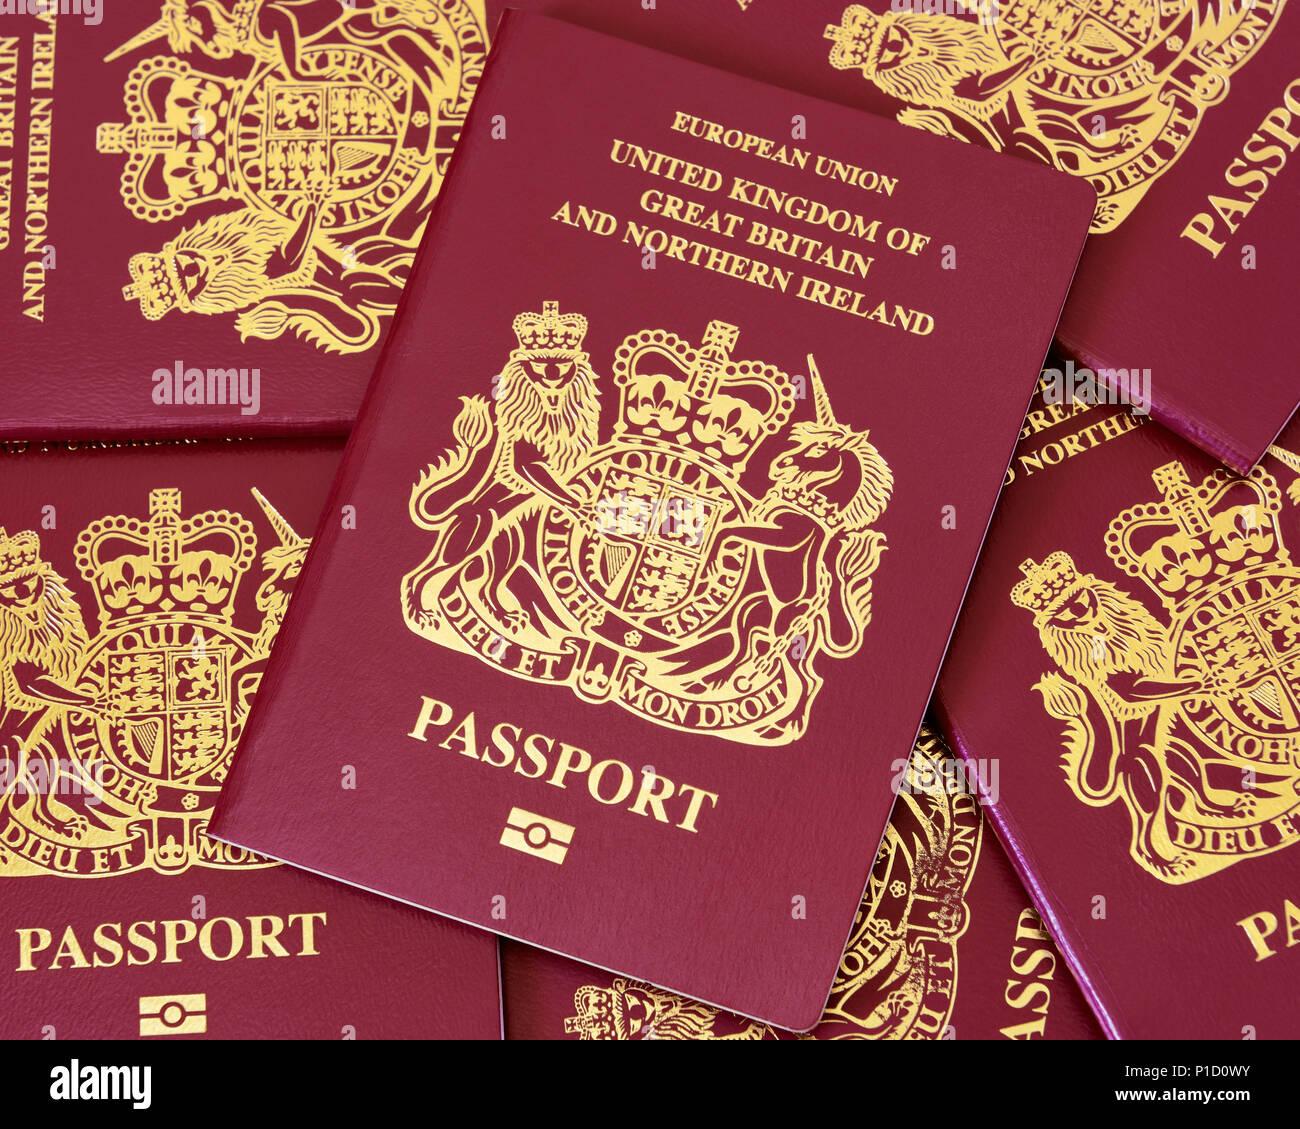 British Passport - Stock Image